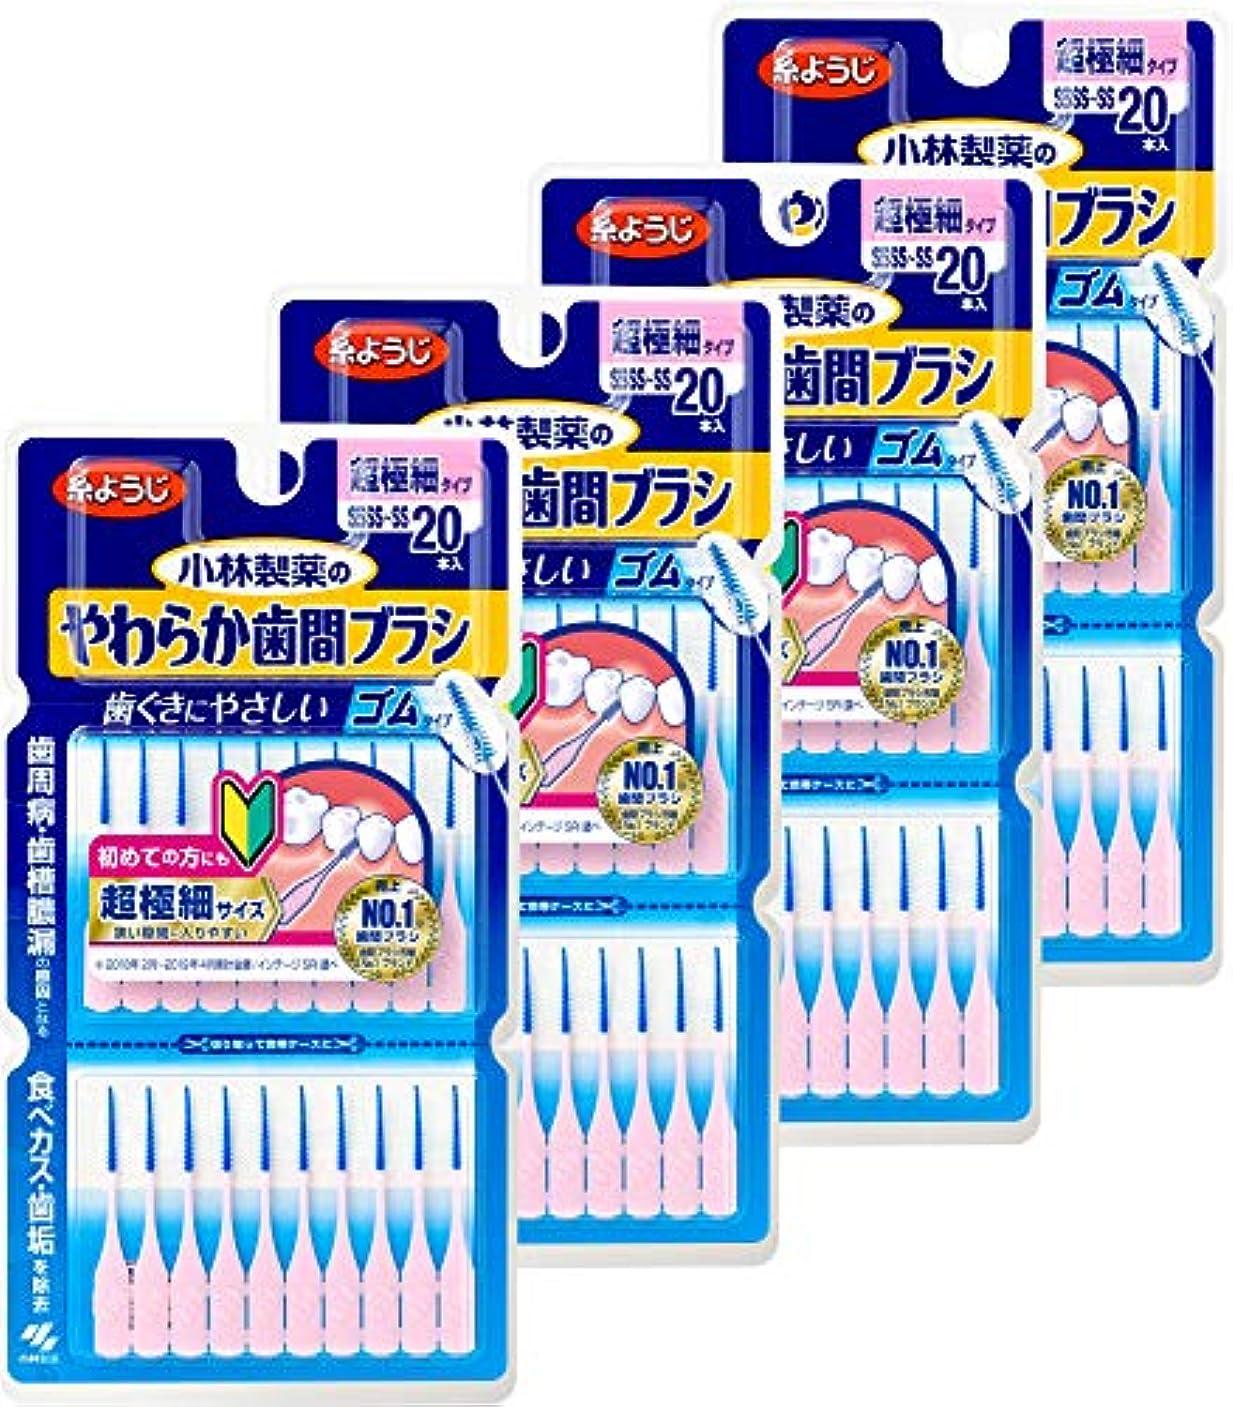 米国準備ができてハシー【まとめ買い】小林製薬のやわらか歯間ブラシ 細いタイプ SSSS-Sサイズ ゴムタイプ(糸ようじブランド) 20本×4個